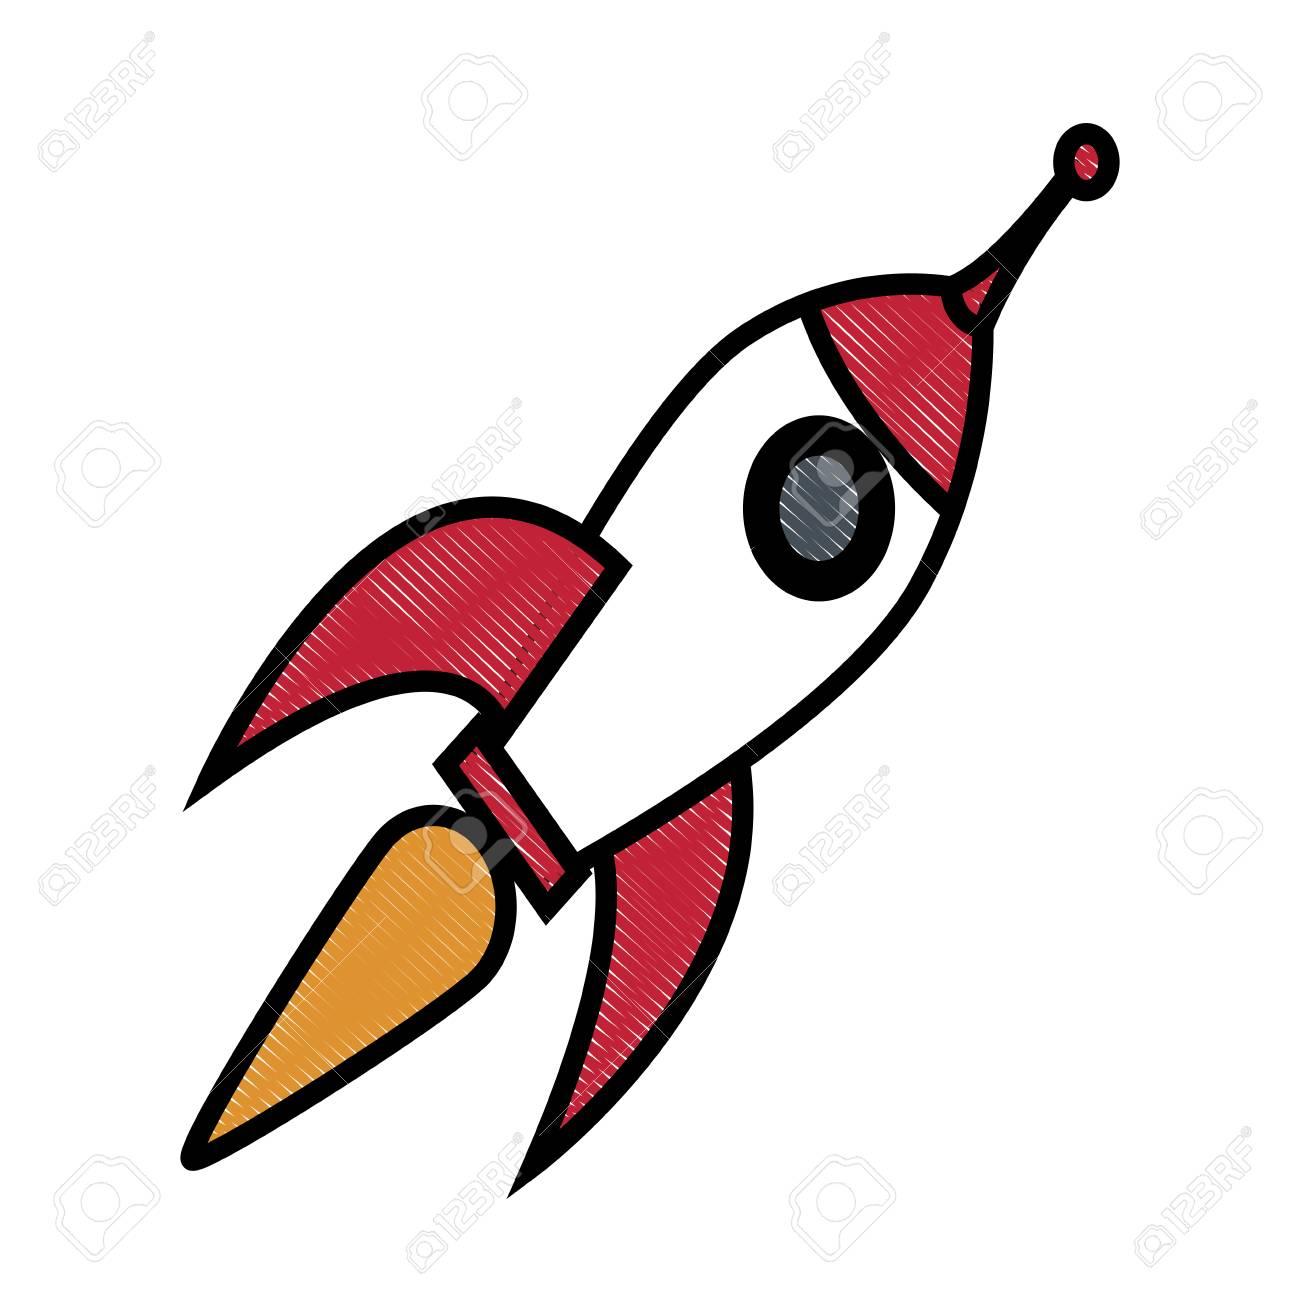 Dessin Fusée Technologie Science Créativité Conception Illustration Vectorielle